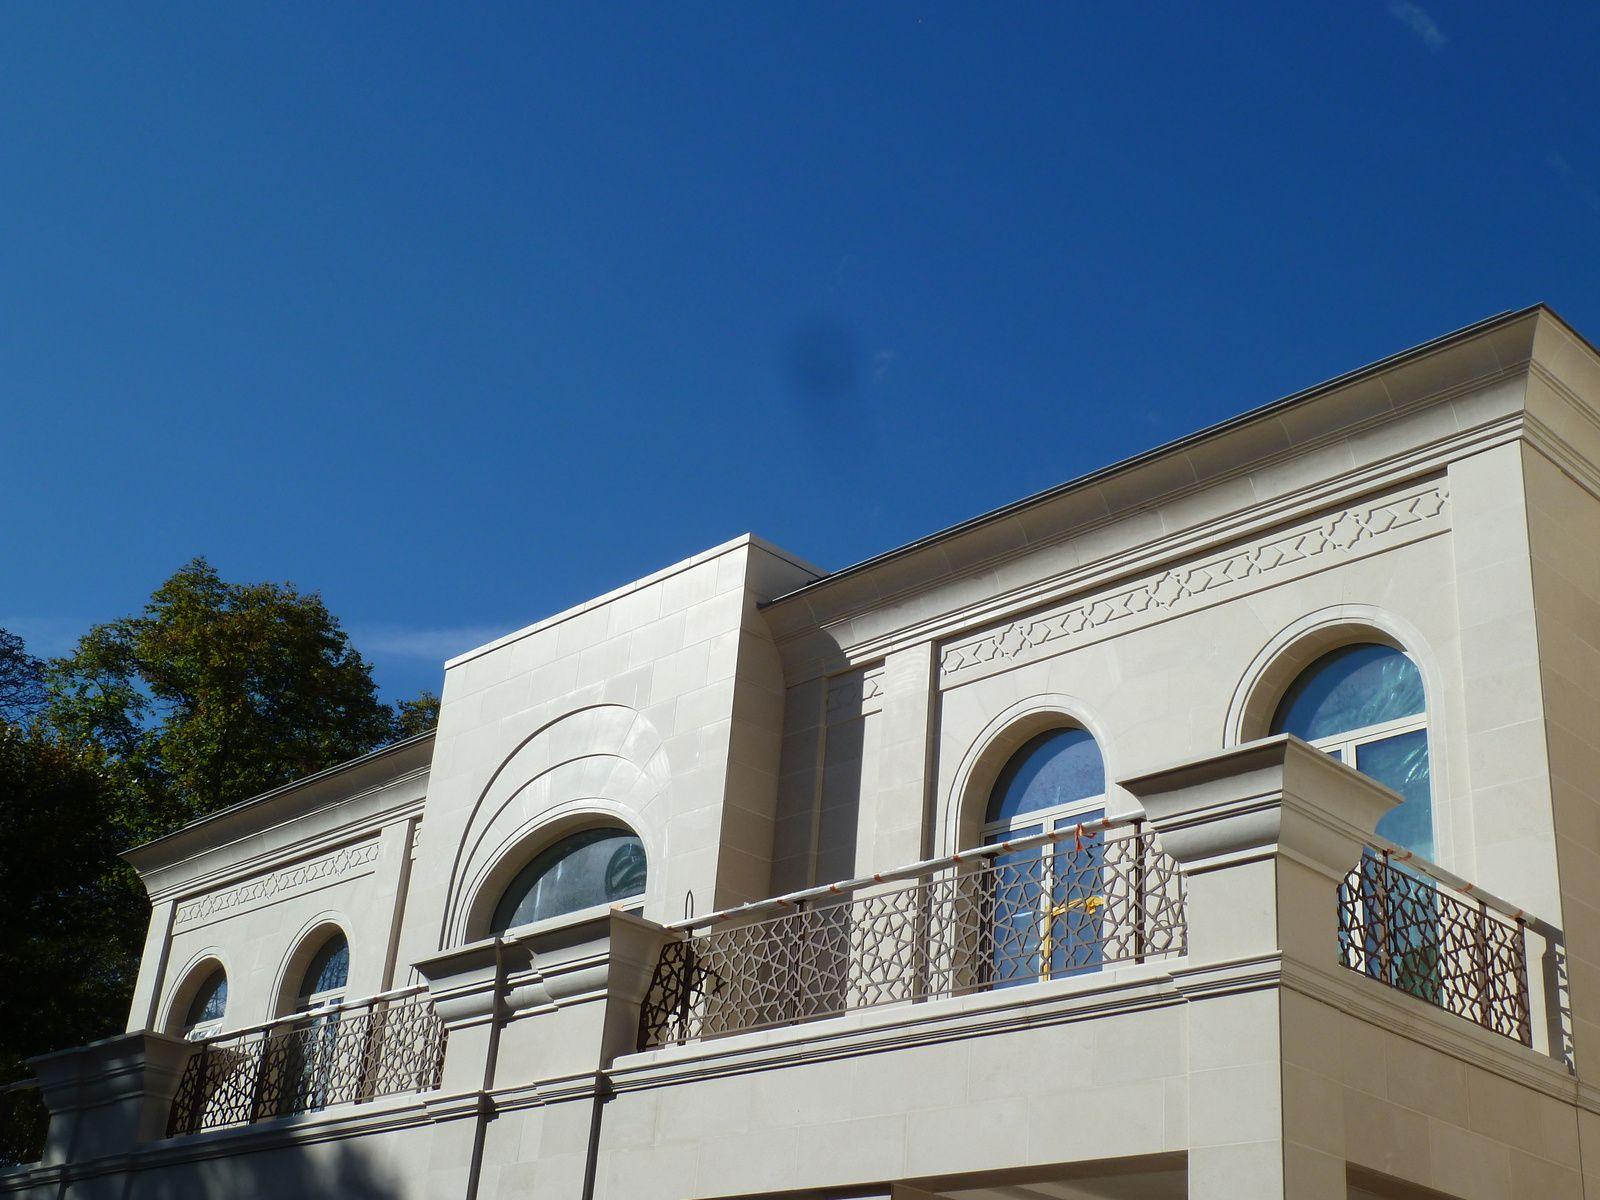 Jouxtant le jardin, un immense palais en cours de construction, renseignements pris, il s'agit de la résidence privée de l'Ambassadeur d'Arabie Saoudite ....